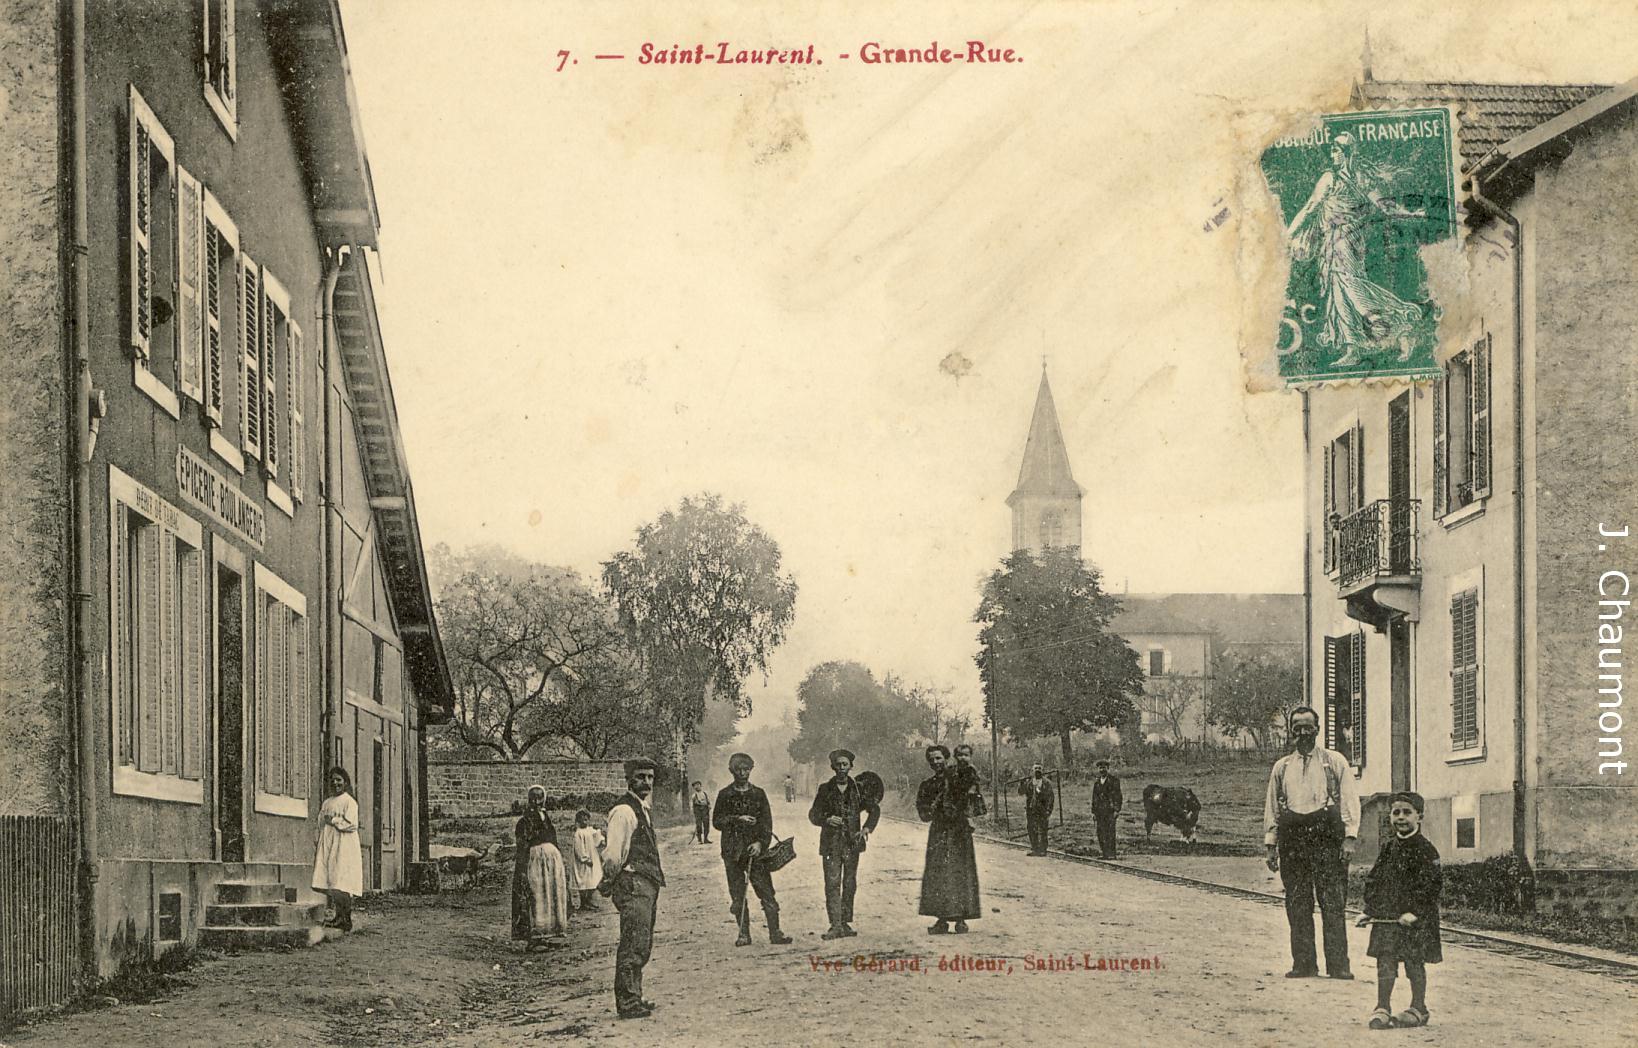 La Grande-Rue